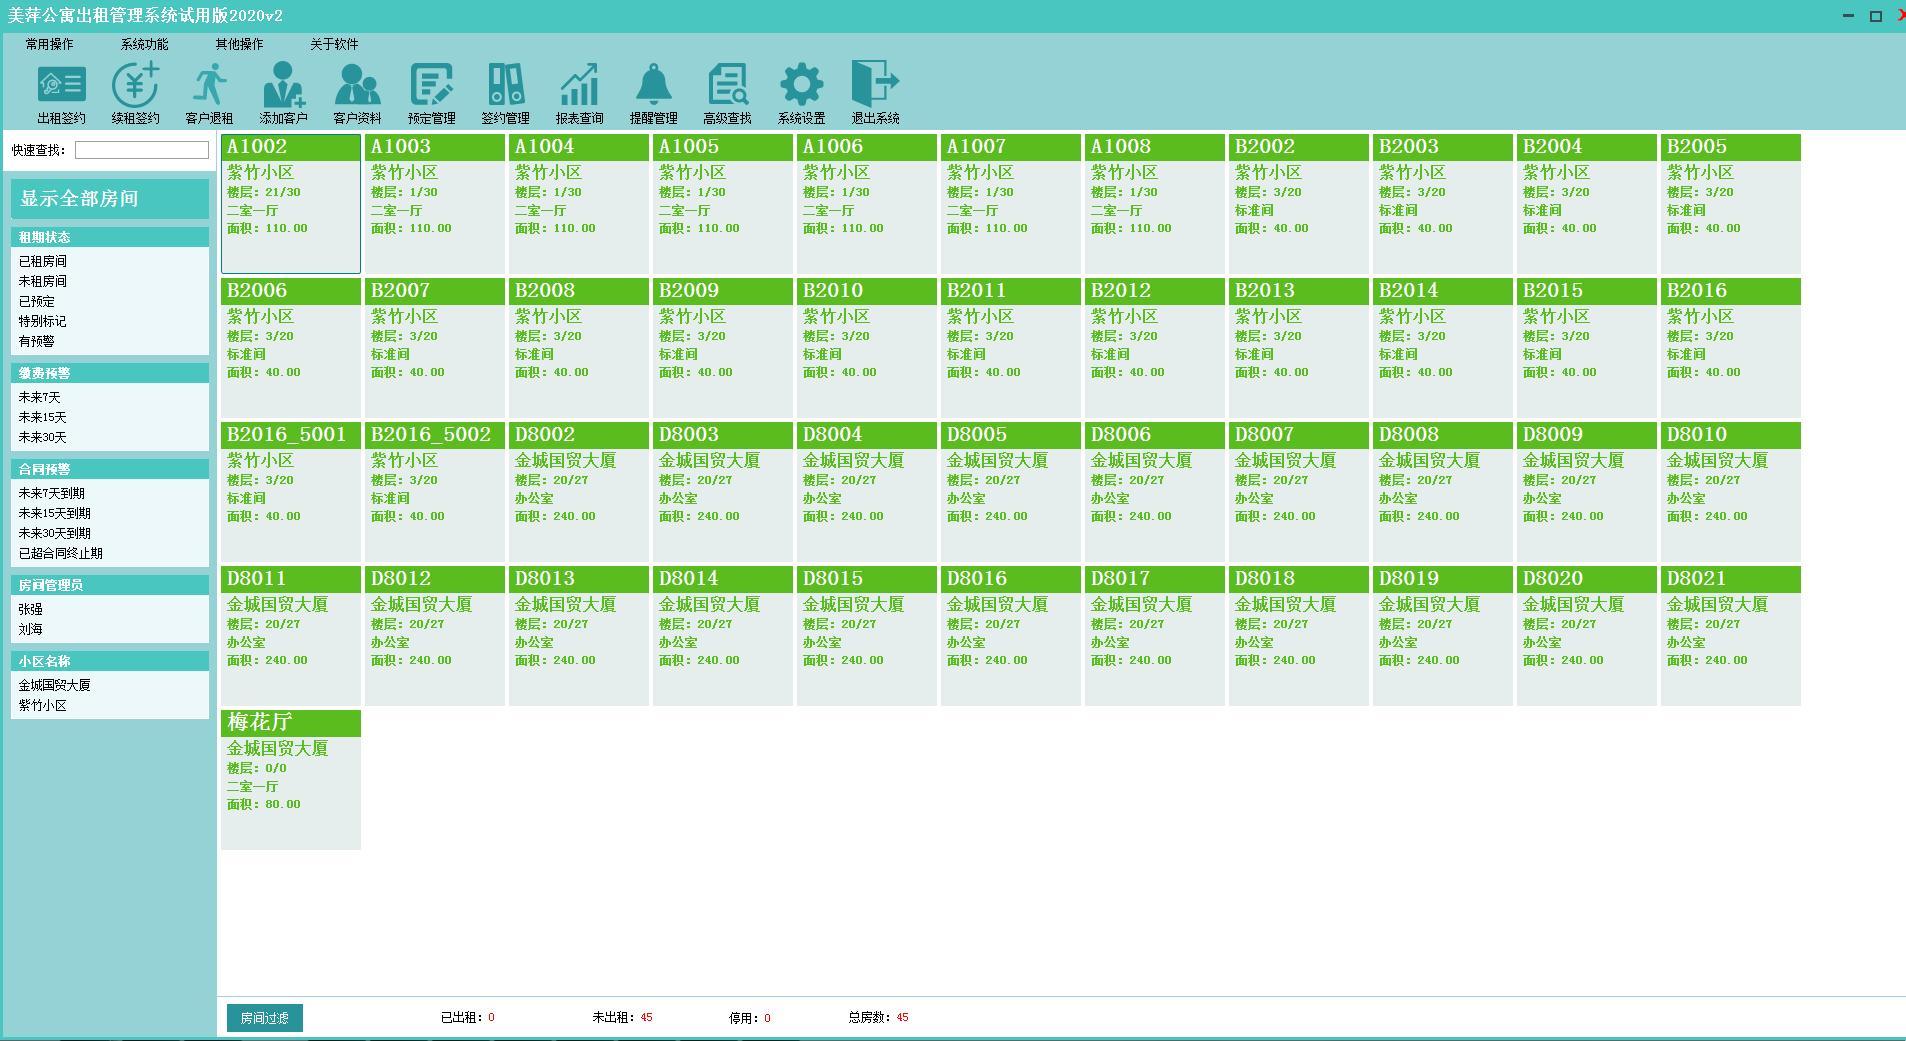 美萍公寓出租管理系统无限制下载_美萍公寓出租管理系统无限制2020 V2 官方正式安装版 软件